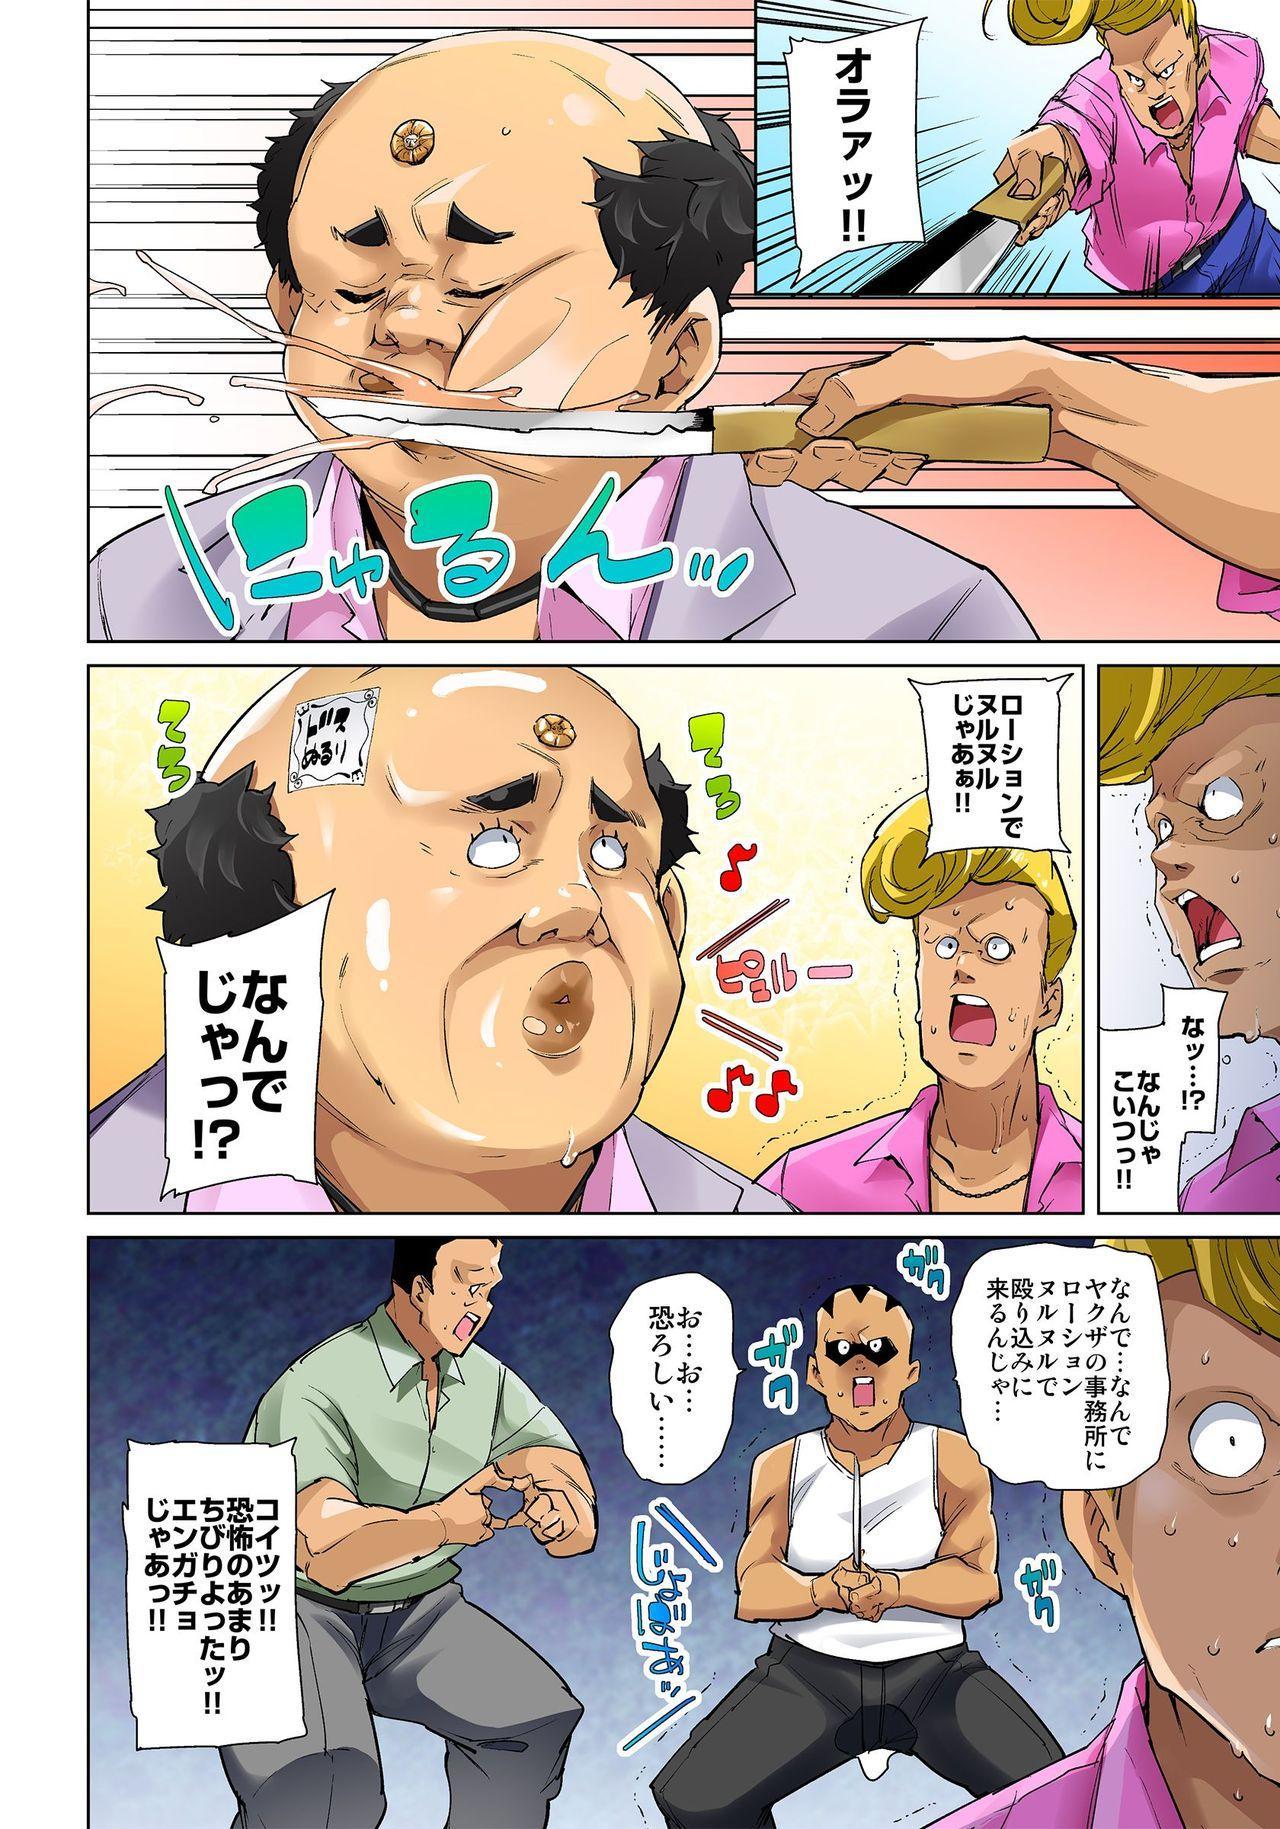 [Marui Maru] Hattara Yarechau!? Ero Seal ~Wagamama JK no Asoko o Tatta 1-mai de Dorei ni~ 1-14 [Digital] 367